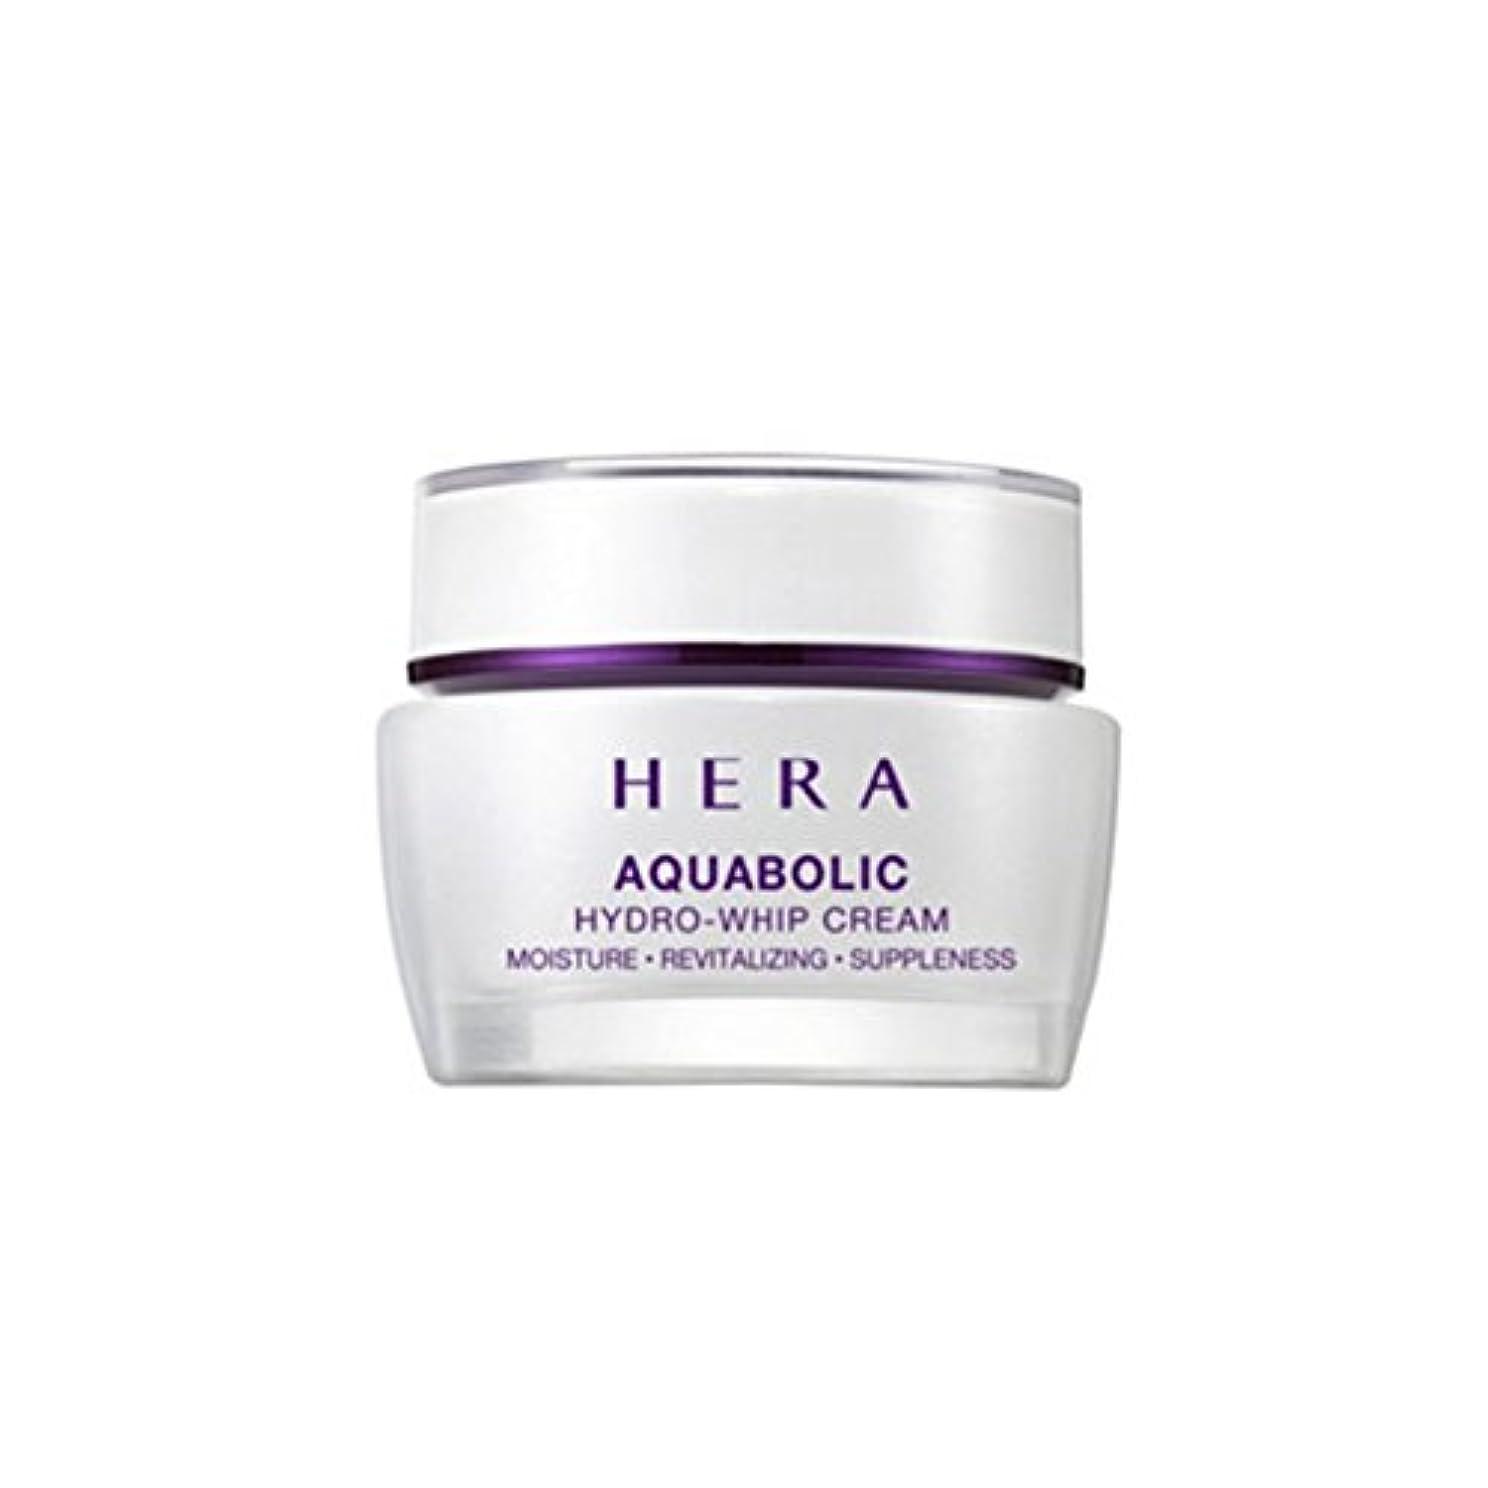 垂直認めるおもちゃ(ヘラ) HERA Aquabolic Hydro-Whip Cream アクアボリックハイドロホイップ クリーム (韓国直発送) oopspanda